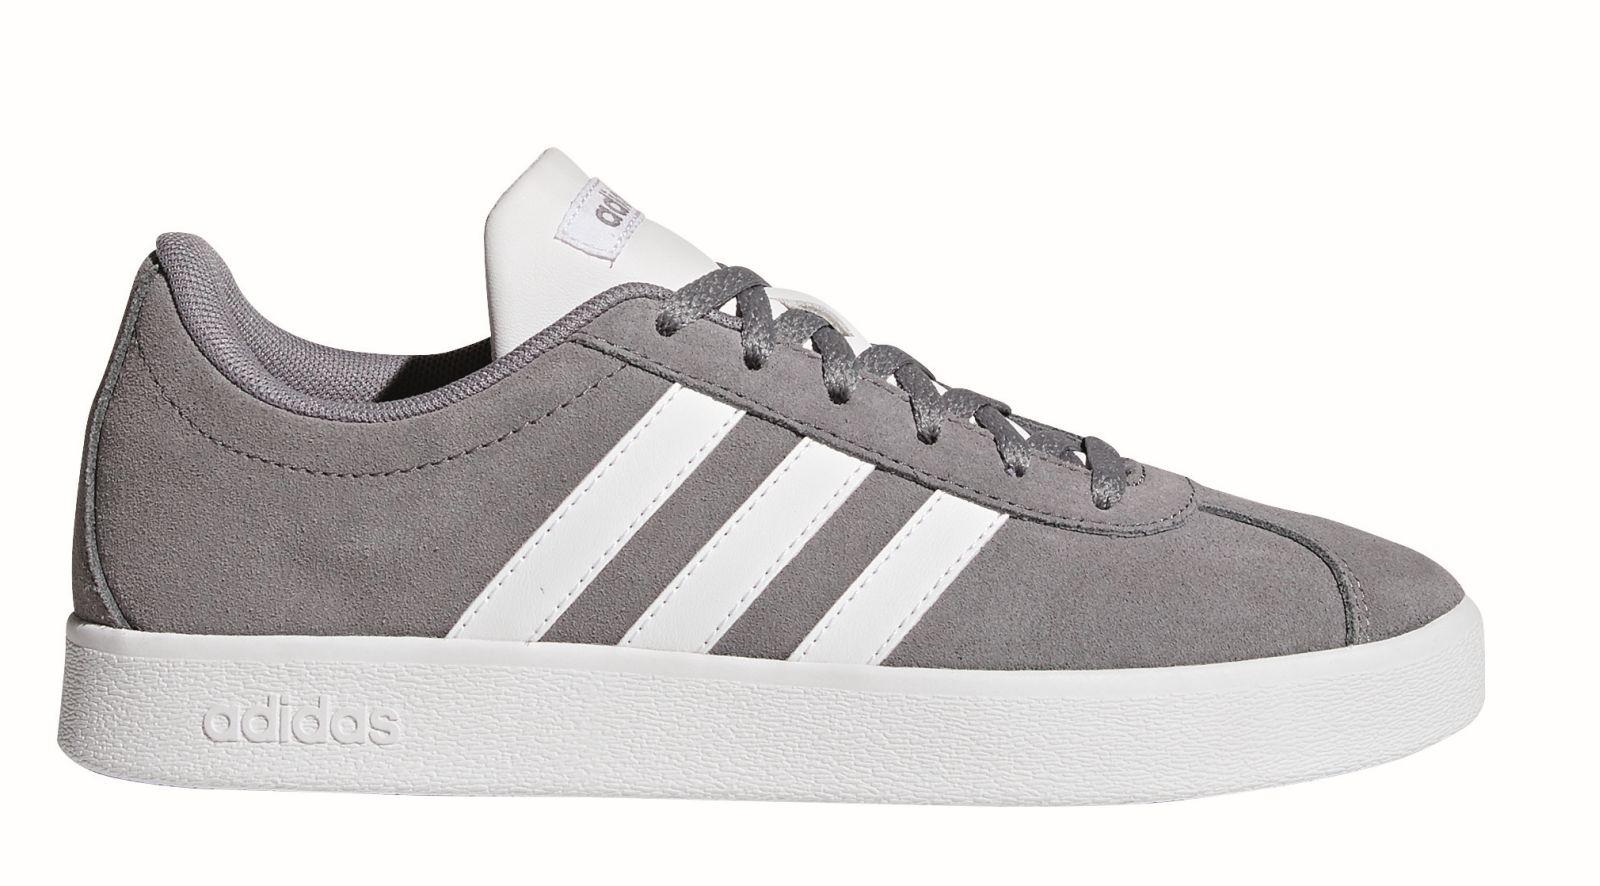 Grau 0 Adidas Court Zu Core Schuhe Sneaker Details Vl Kinder K 2 7fybg6vmIY